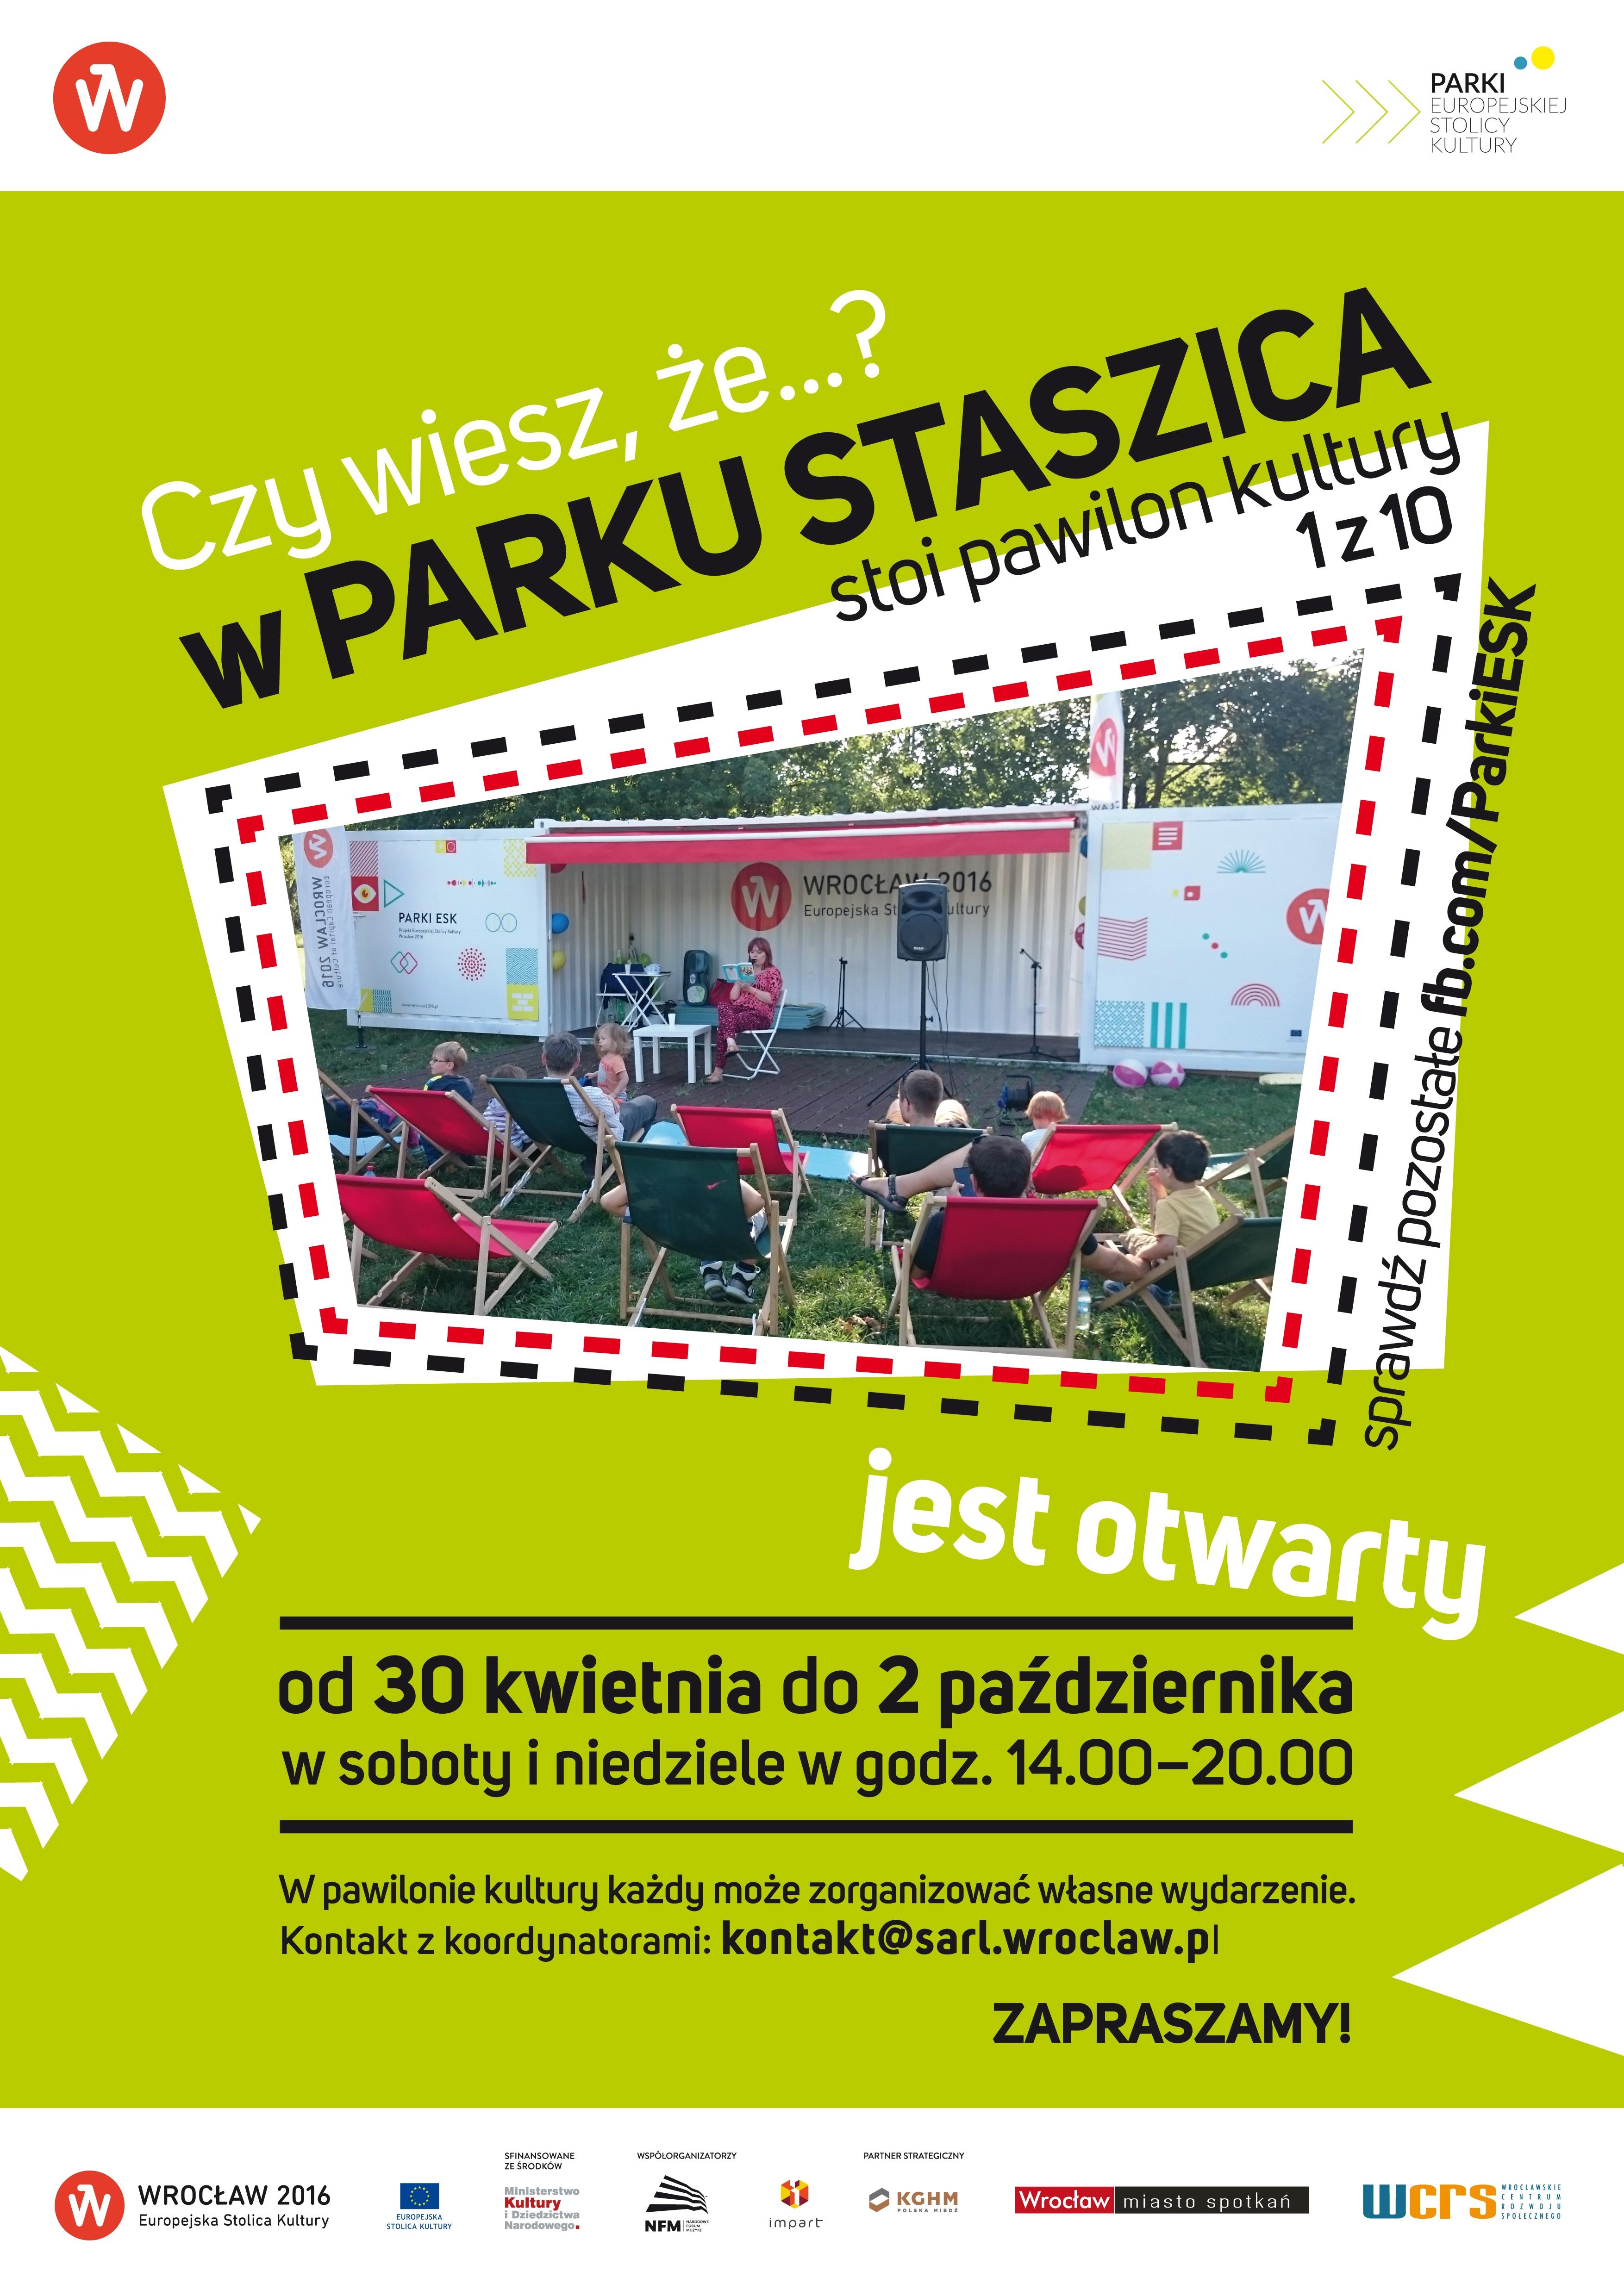 parki_staszica